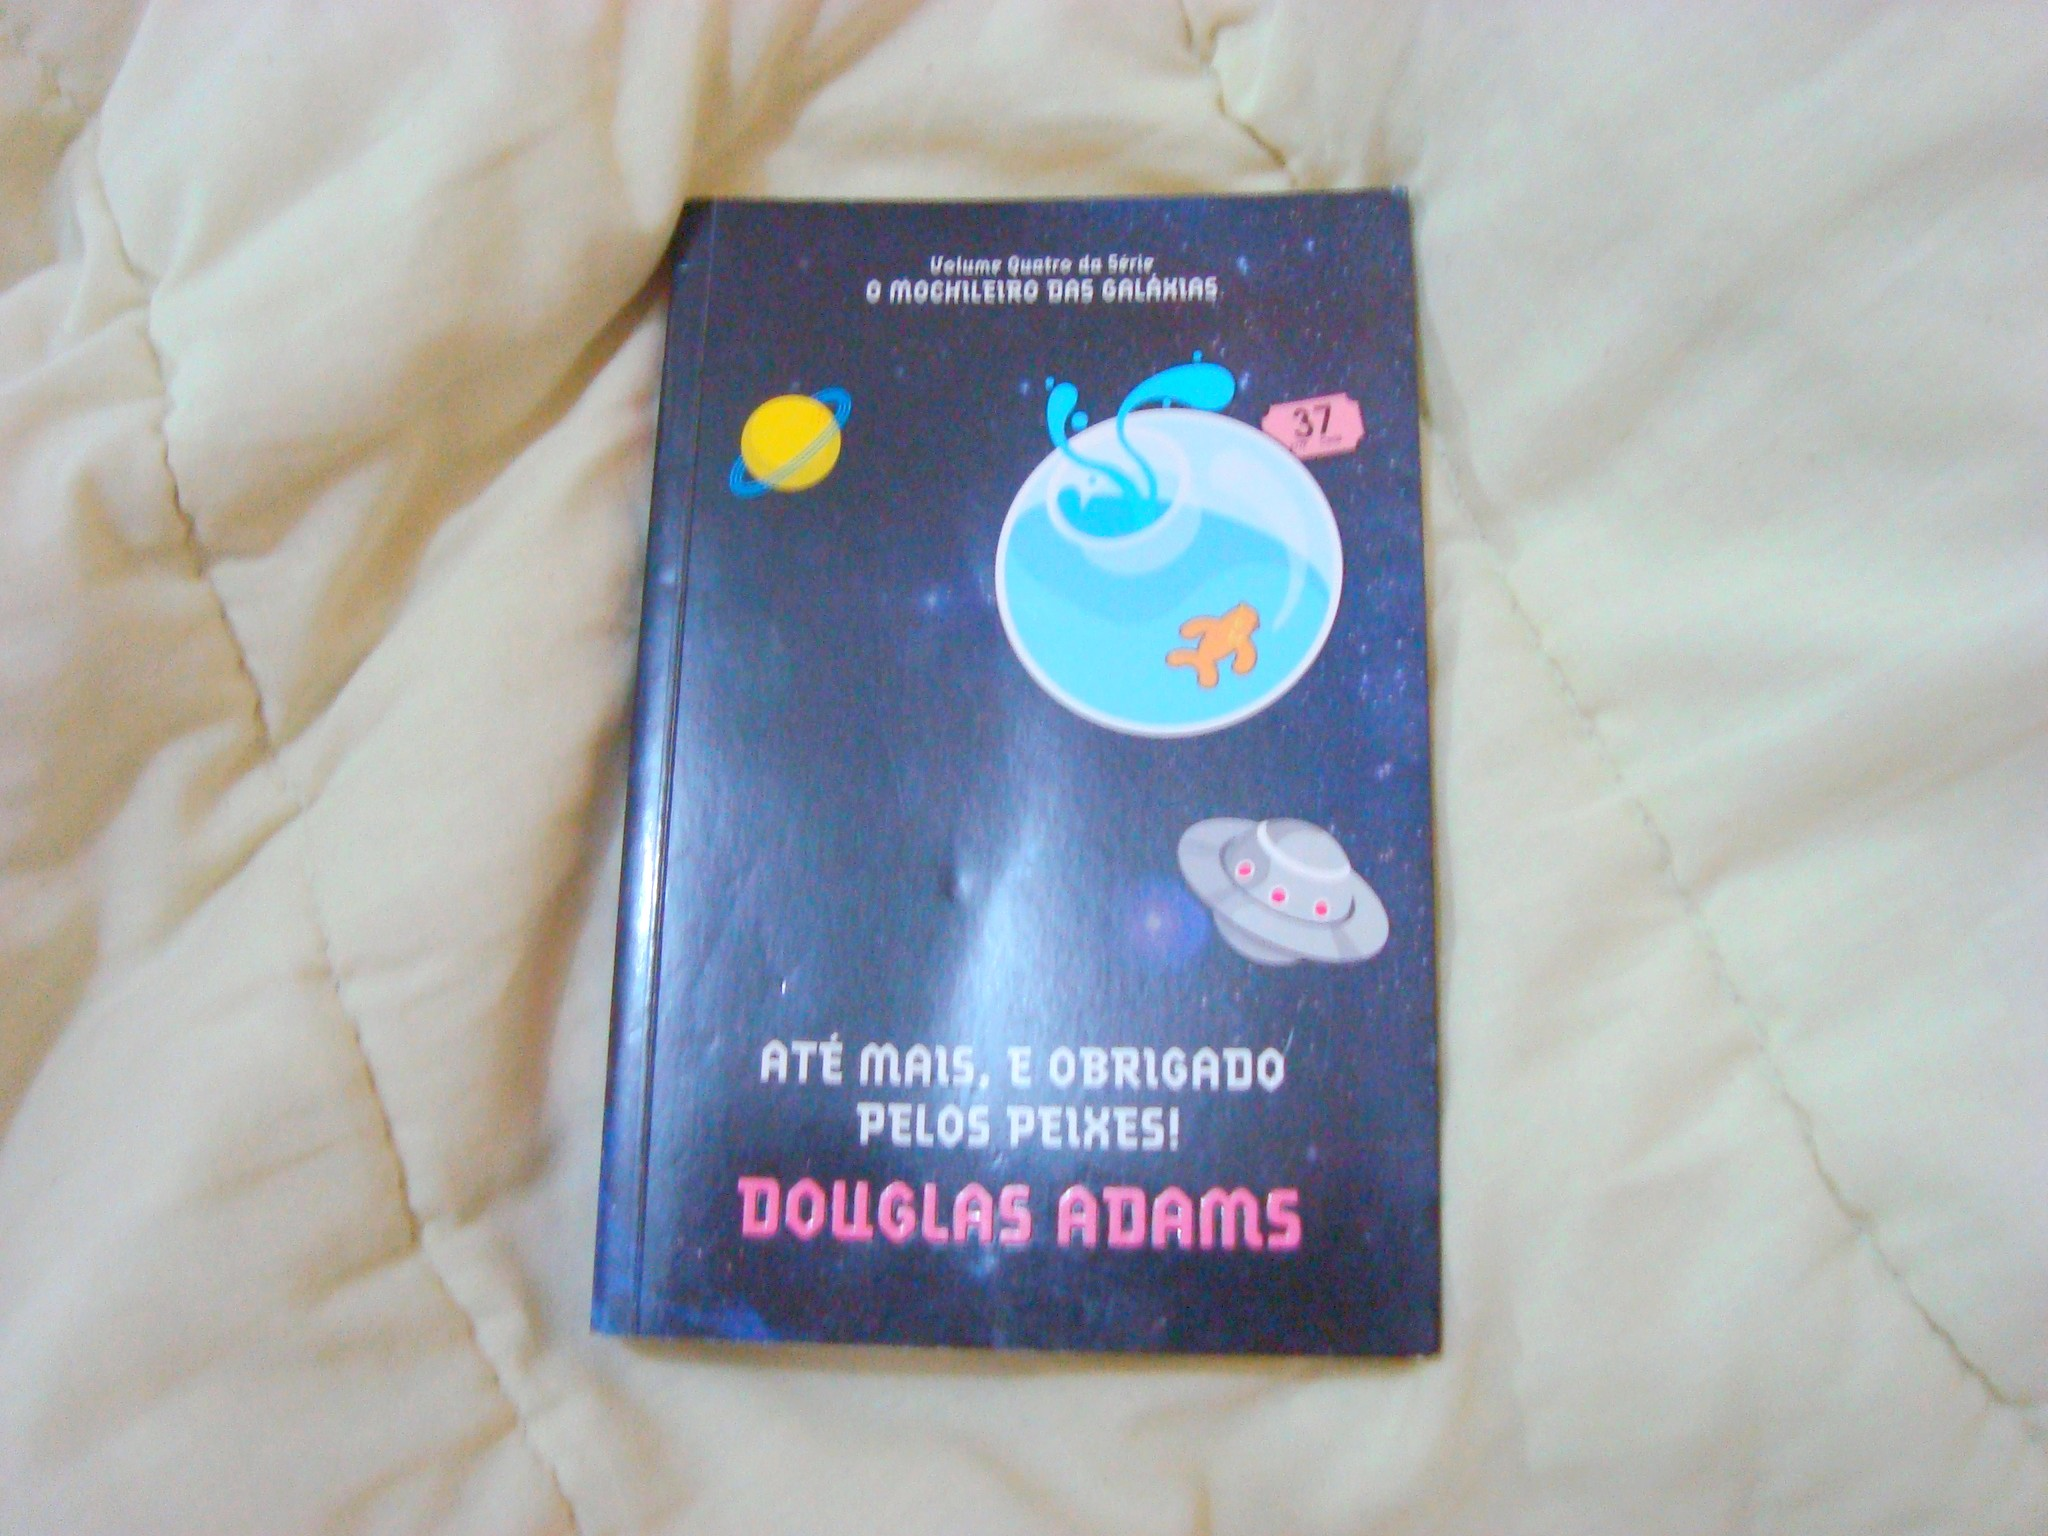 Capa do livro Até mais, e obrigado pelos peixes, da série o guia do mochileiro das galáxias